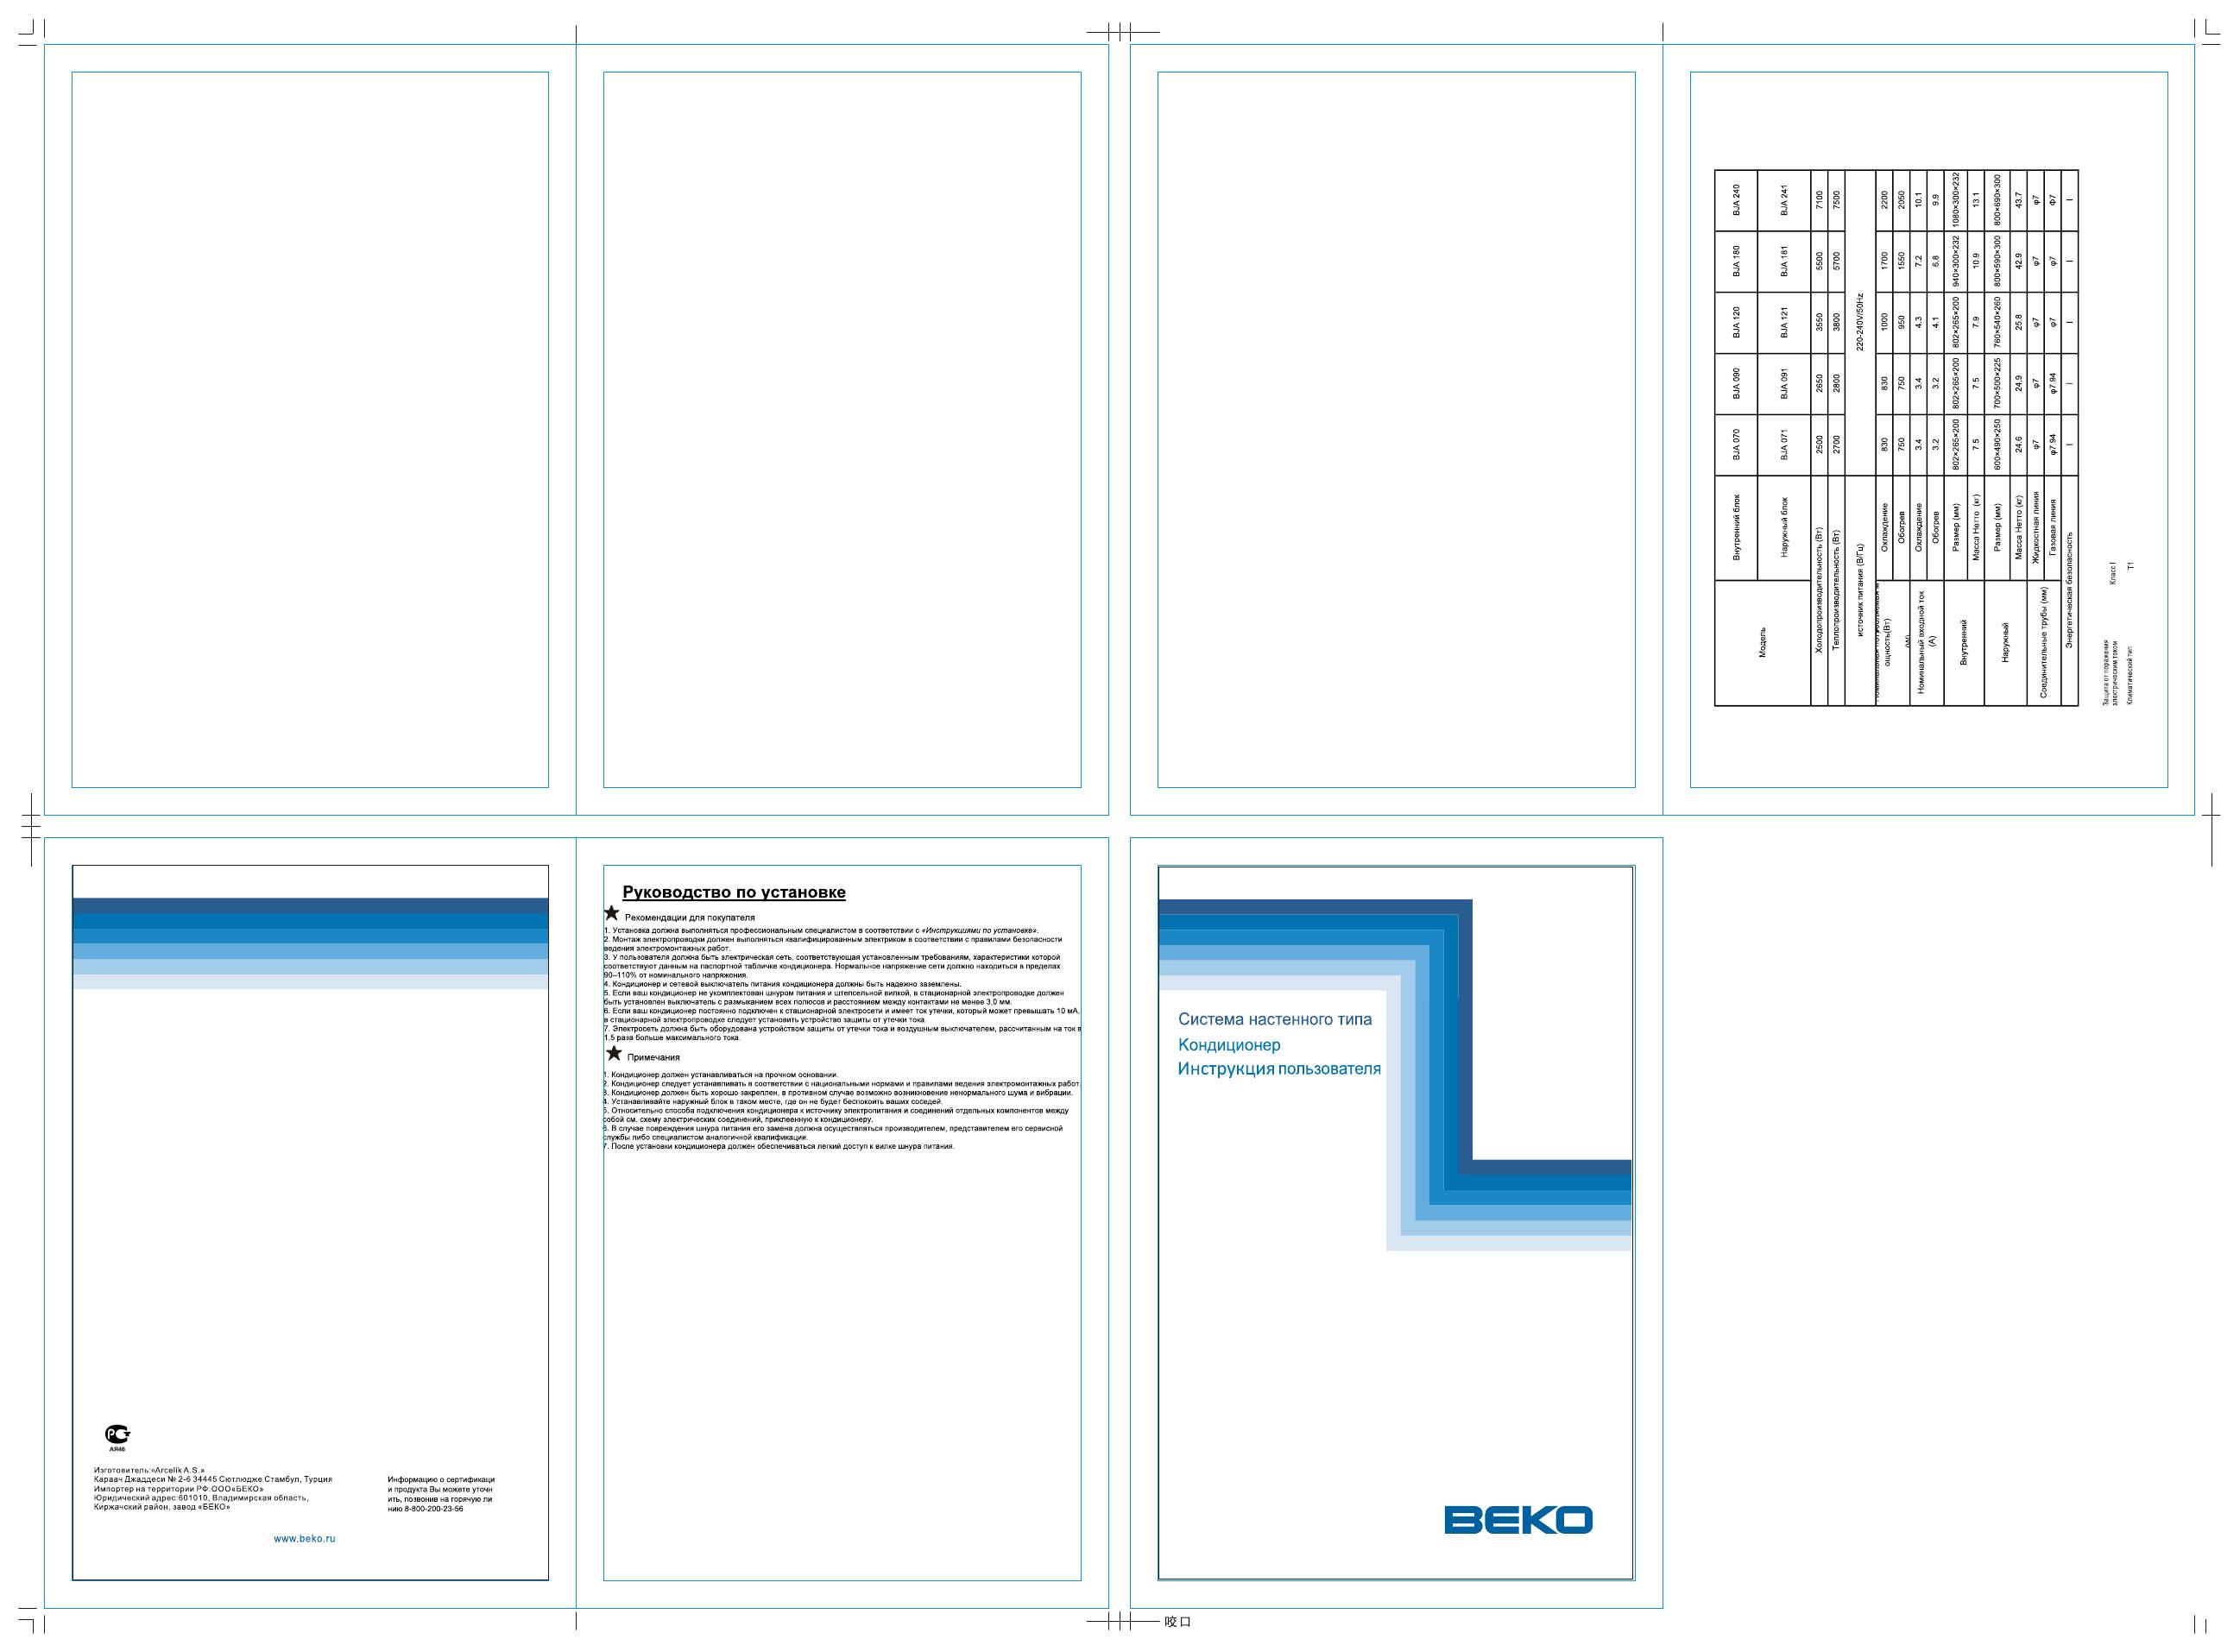 инструкция по использованию beko bxya 120/bxya 121